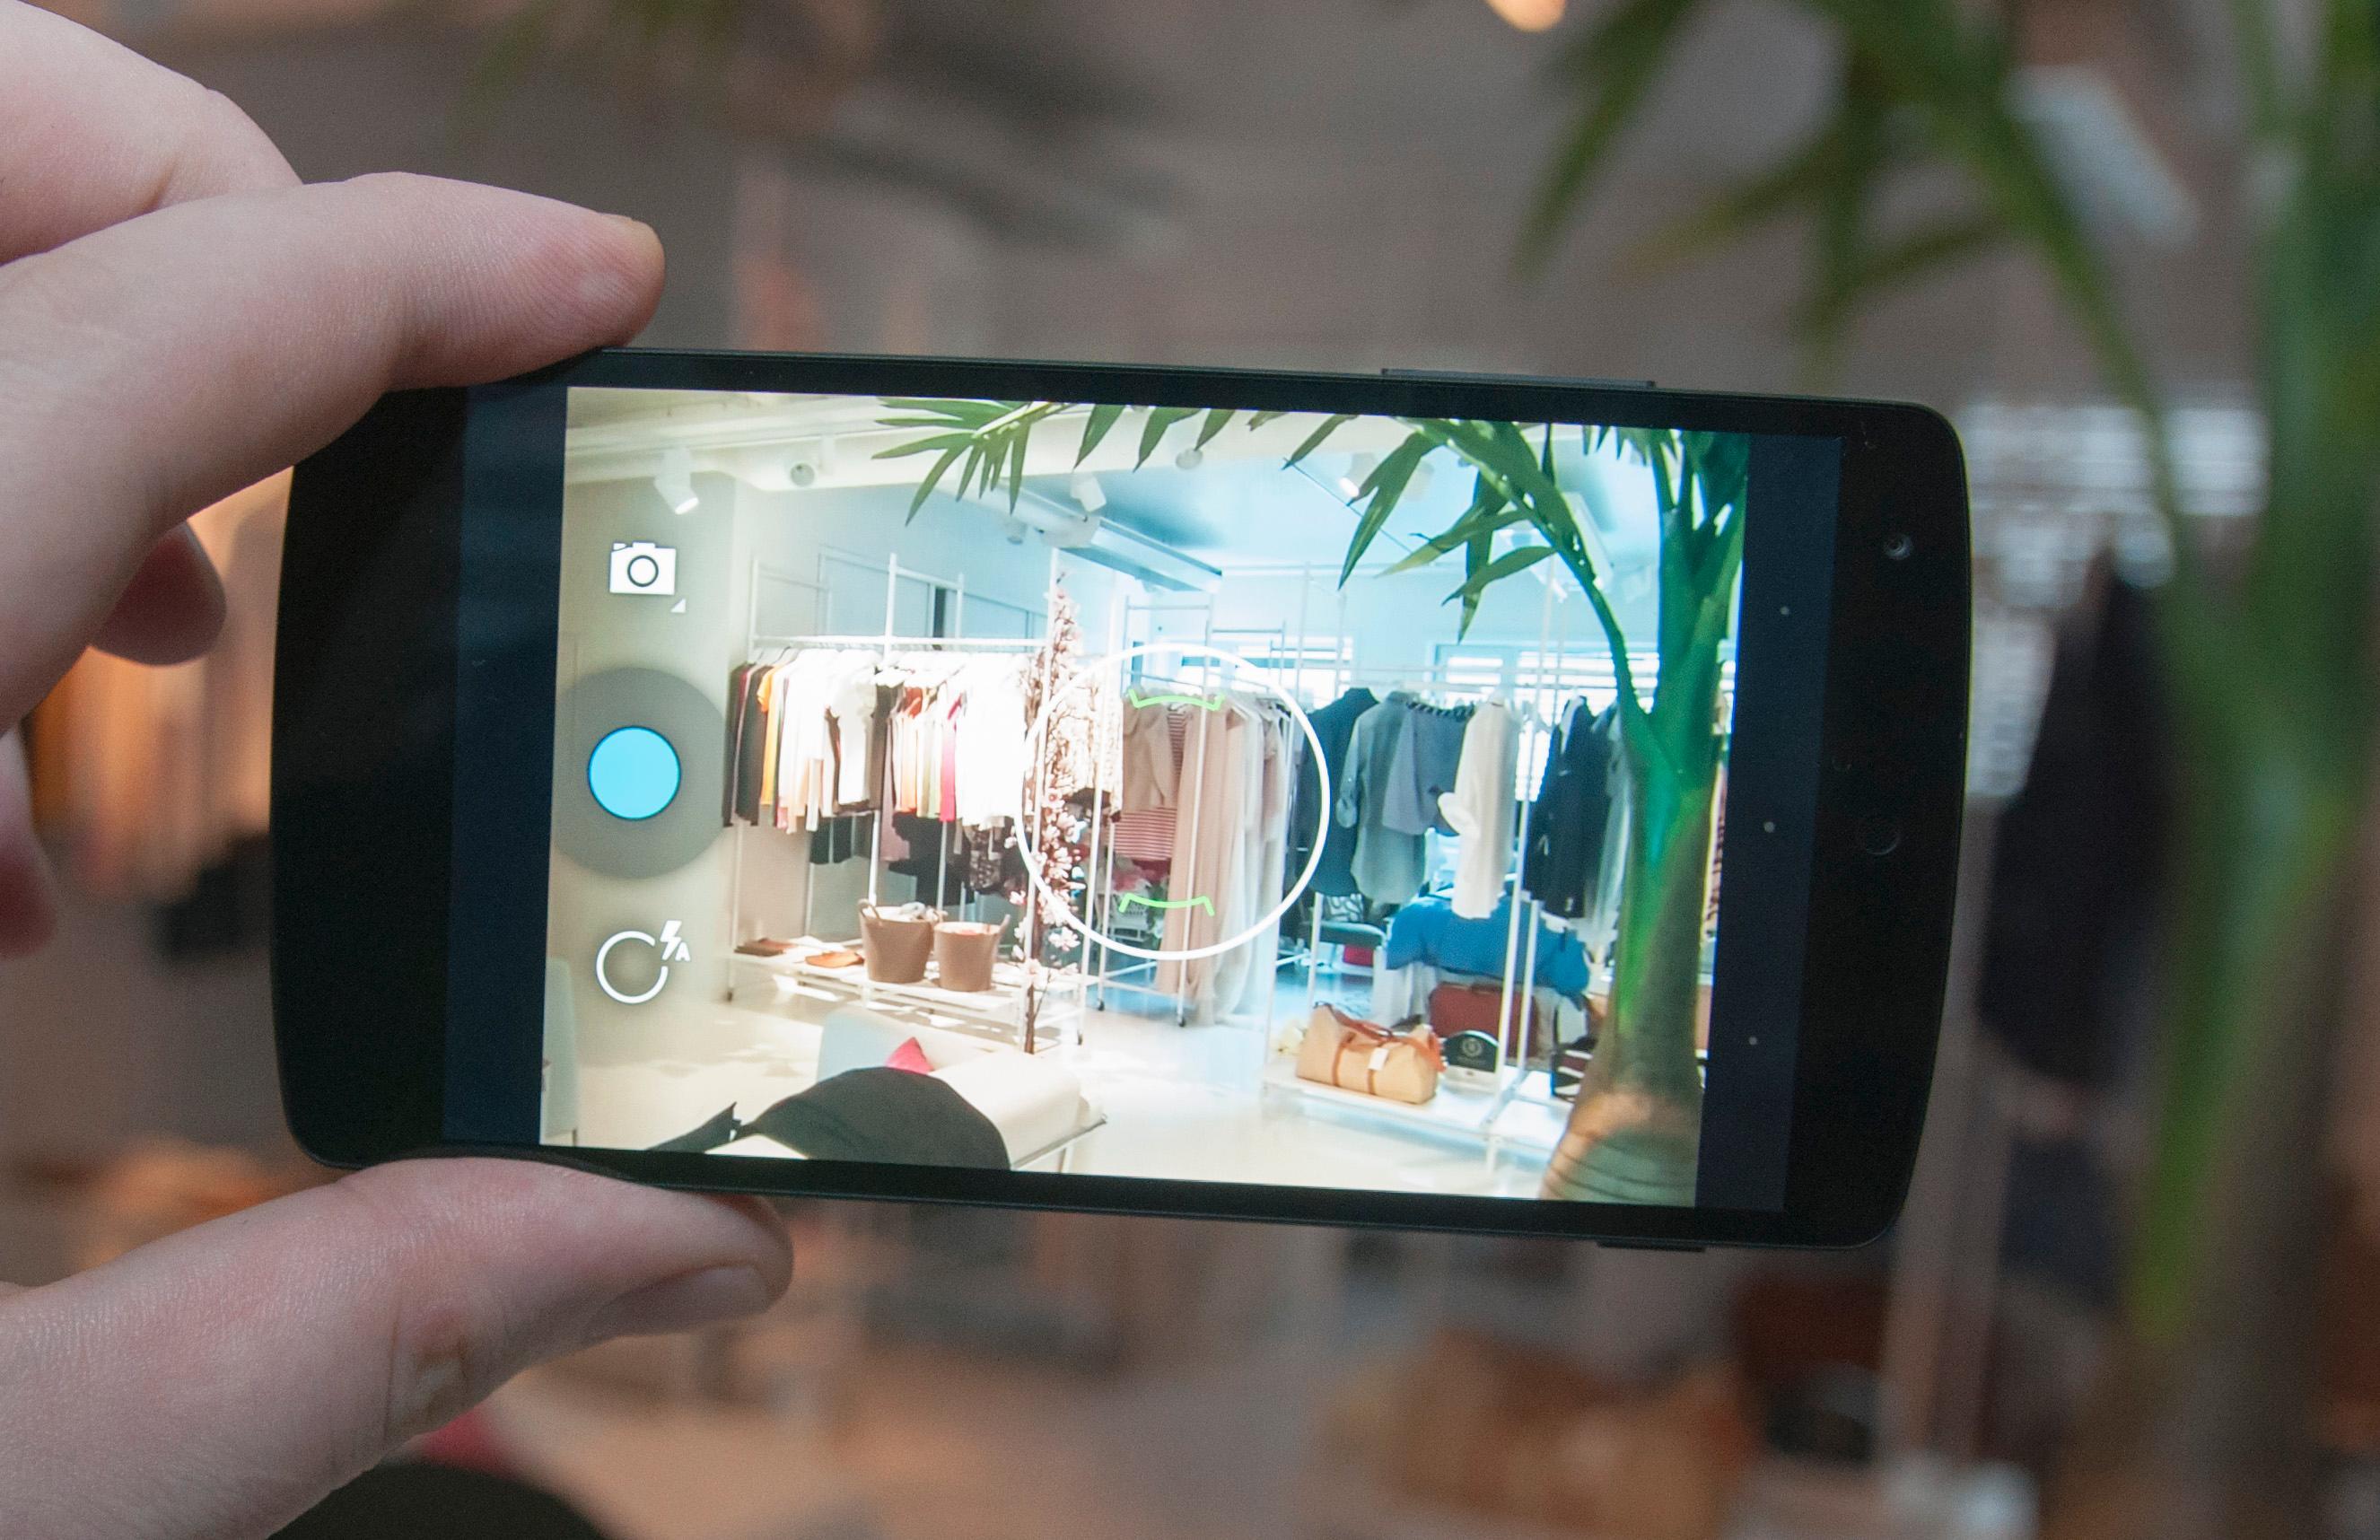 Kameraet i Nexus 5 har fått optisk bildestabilisator, som skal gjøre det enklere å unngå bevegelsesuskarphet i bildene.Foto: Finn Jarle Kvalheim, Amobil.no